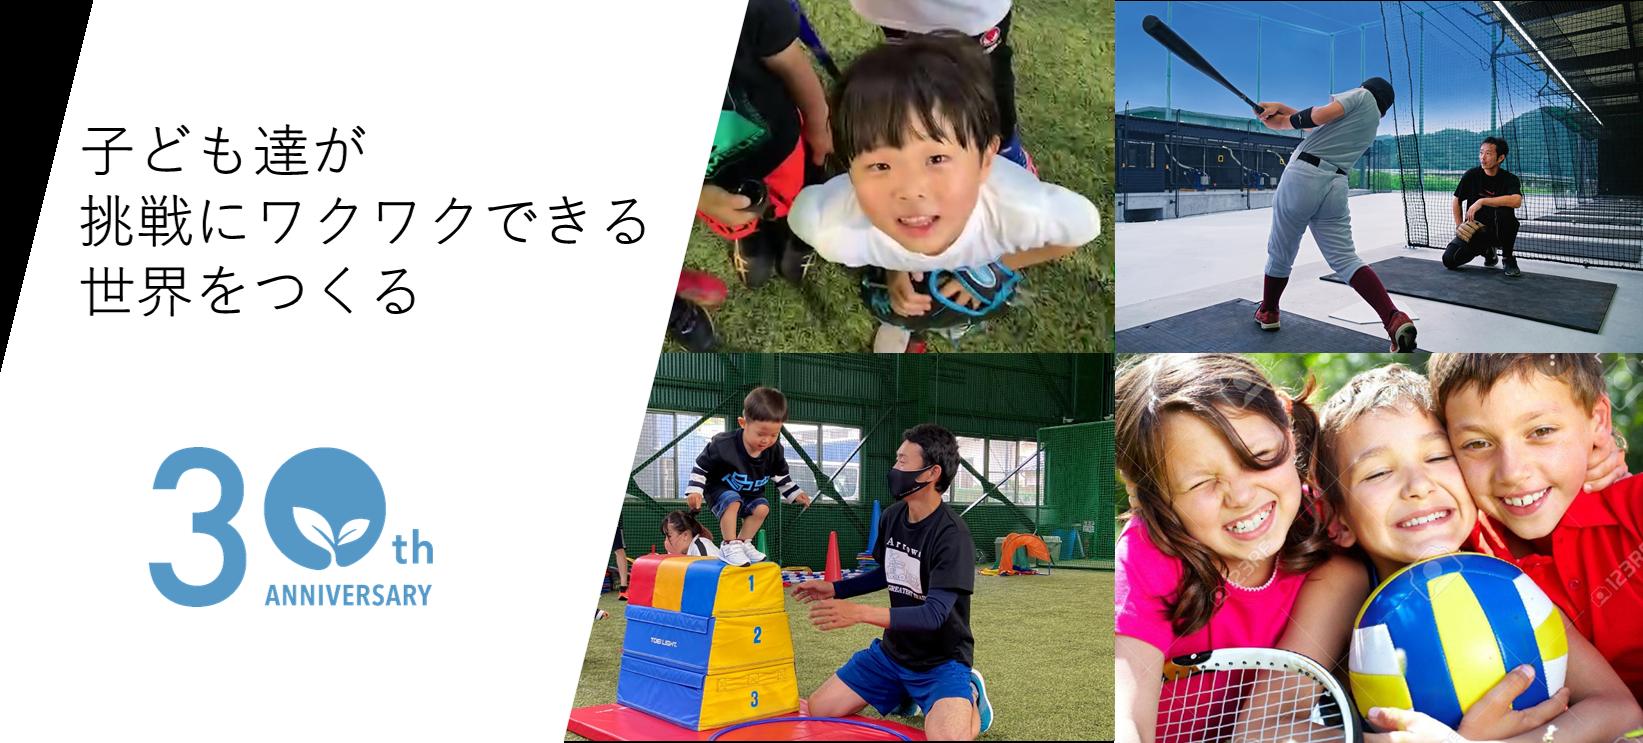 新事業立ち上げメンバー募集! 子供たちの夢と成長を支援するための習い事ポータルサイト立ち上げ。プロダクトオーナー募集